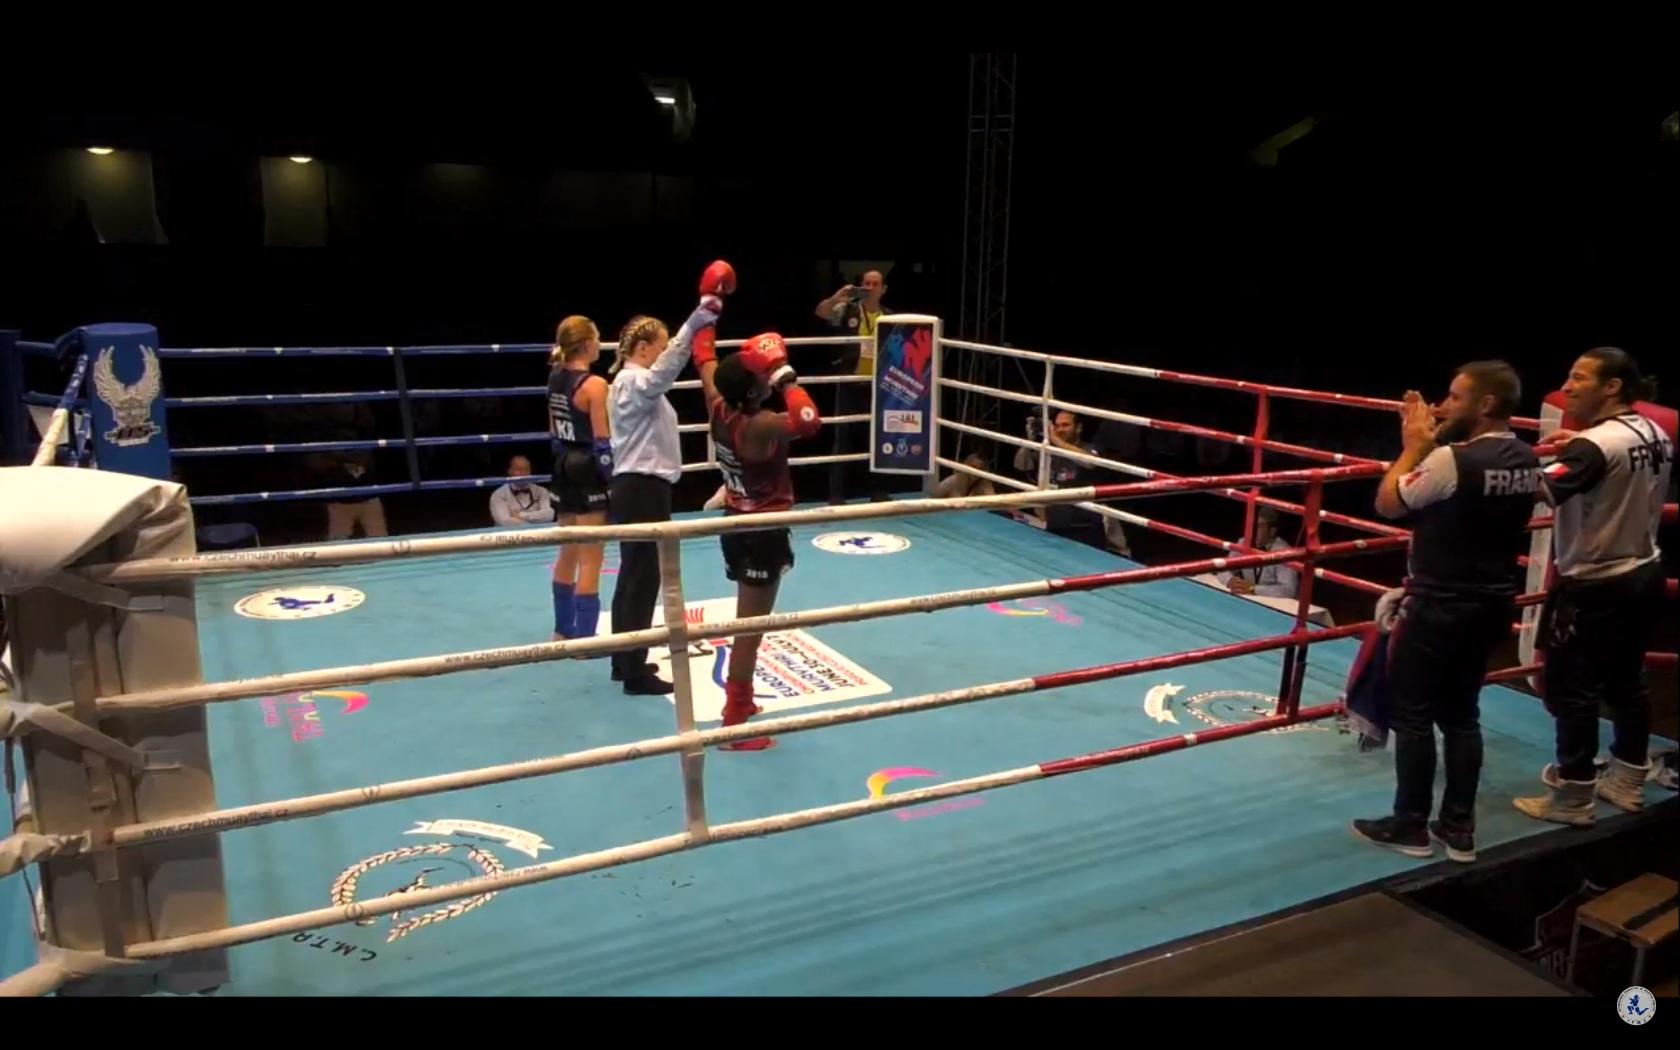 Чемпионат Европы по тайскому боксу: 7 день соревнований. +2 серебра. ВИДЕО ФИНАЛОВ У ЖЕНЩИН!